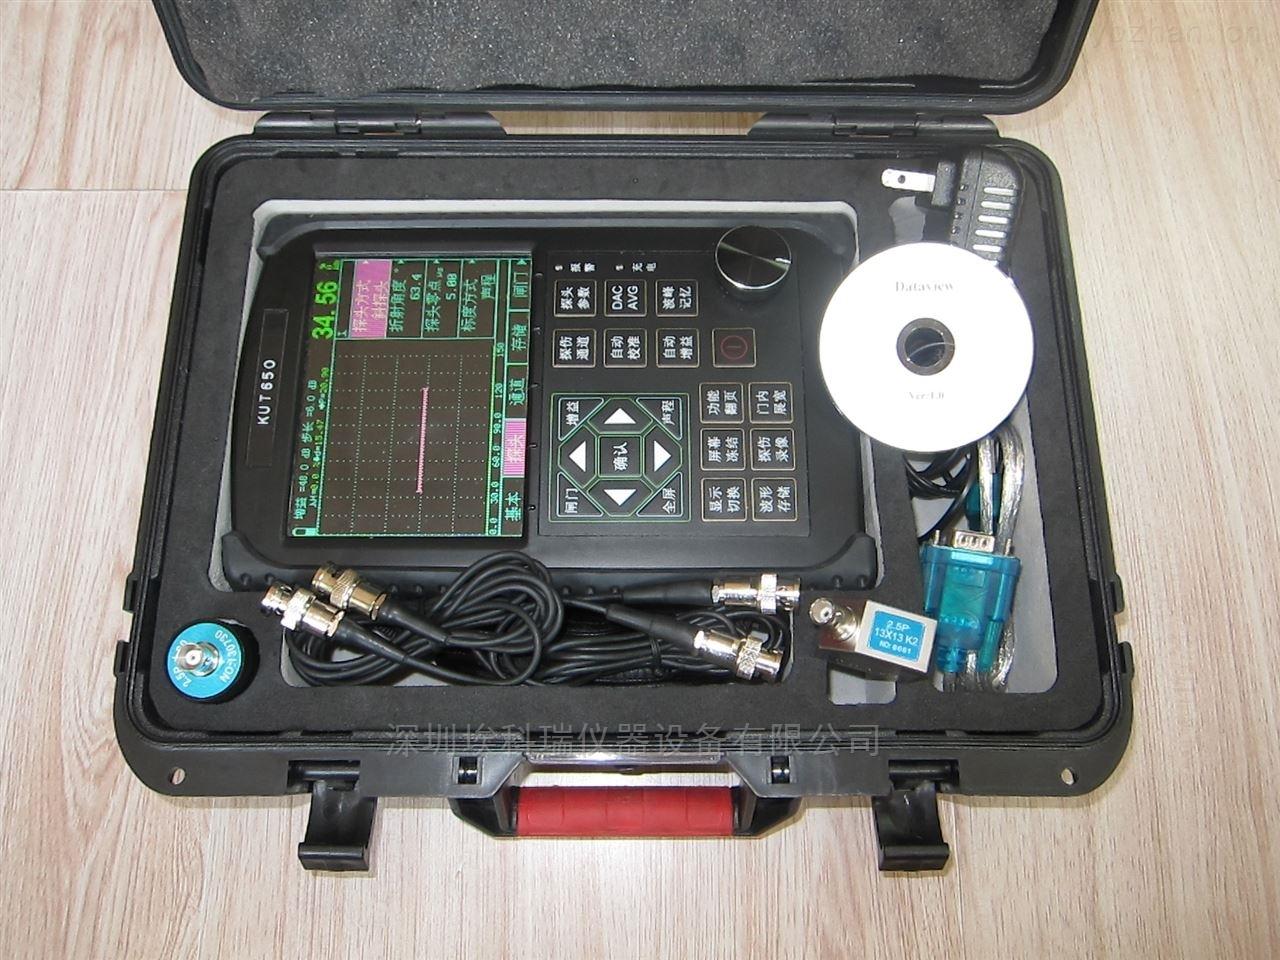 NDT650-超声波探伤仪 NDT650厂家直销探伤设备